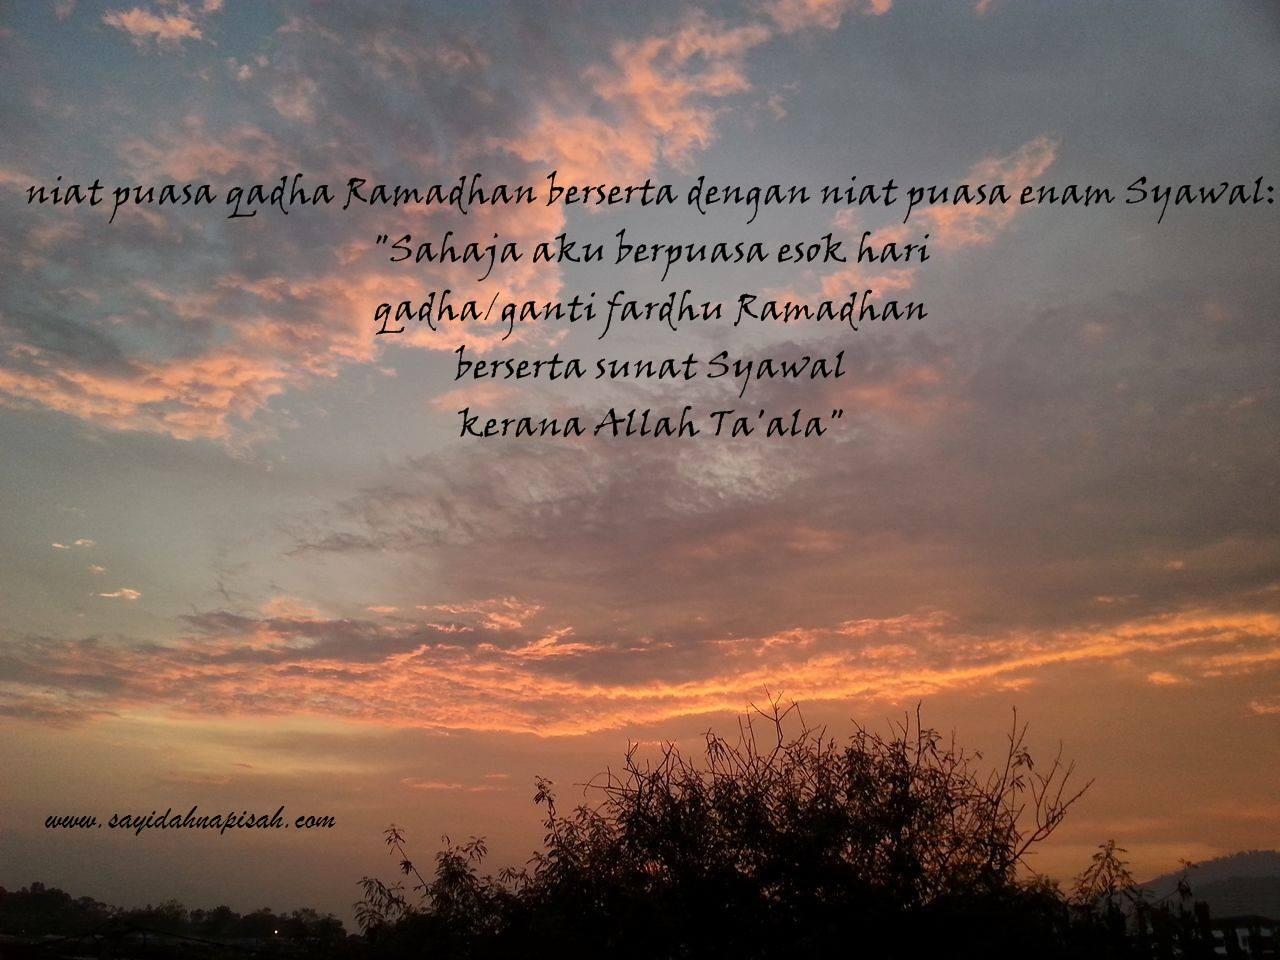 niat puasa qadha ramadhan berserta dengan niat puasa enam syawal